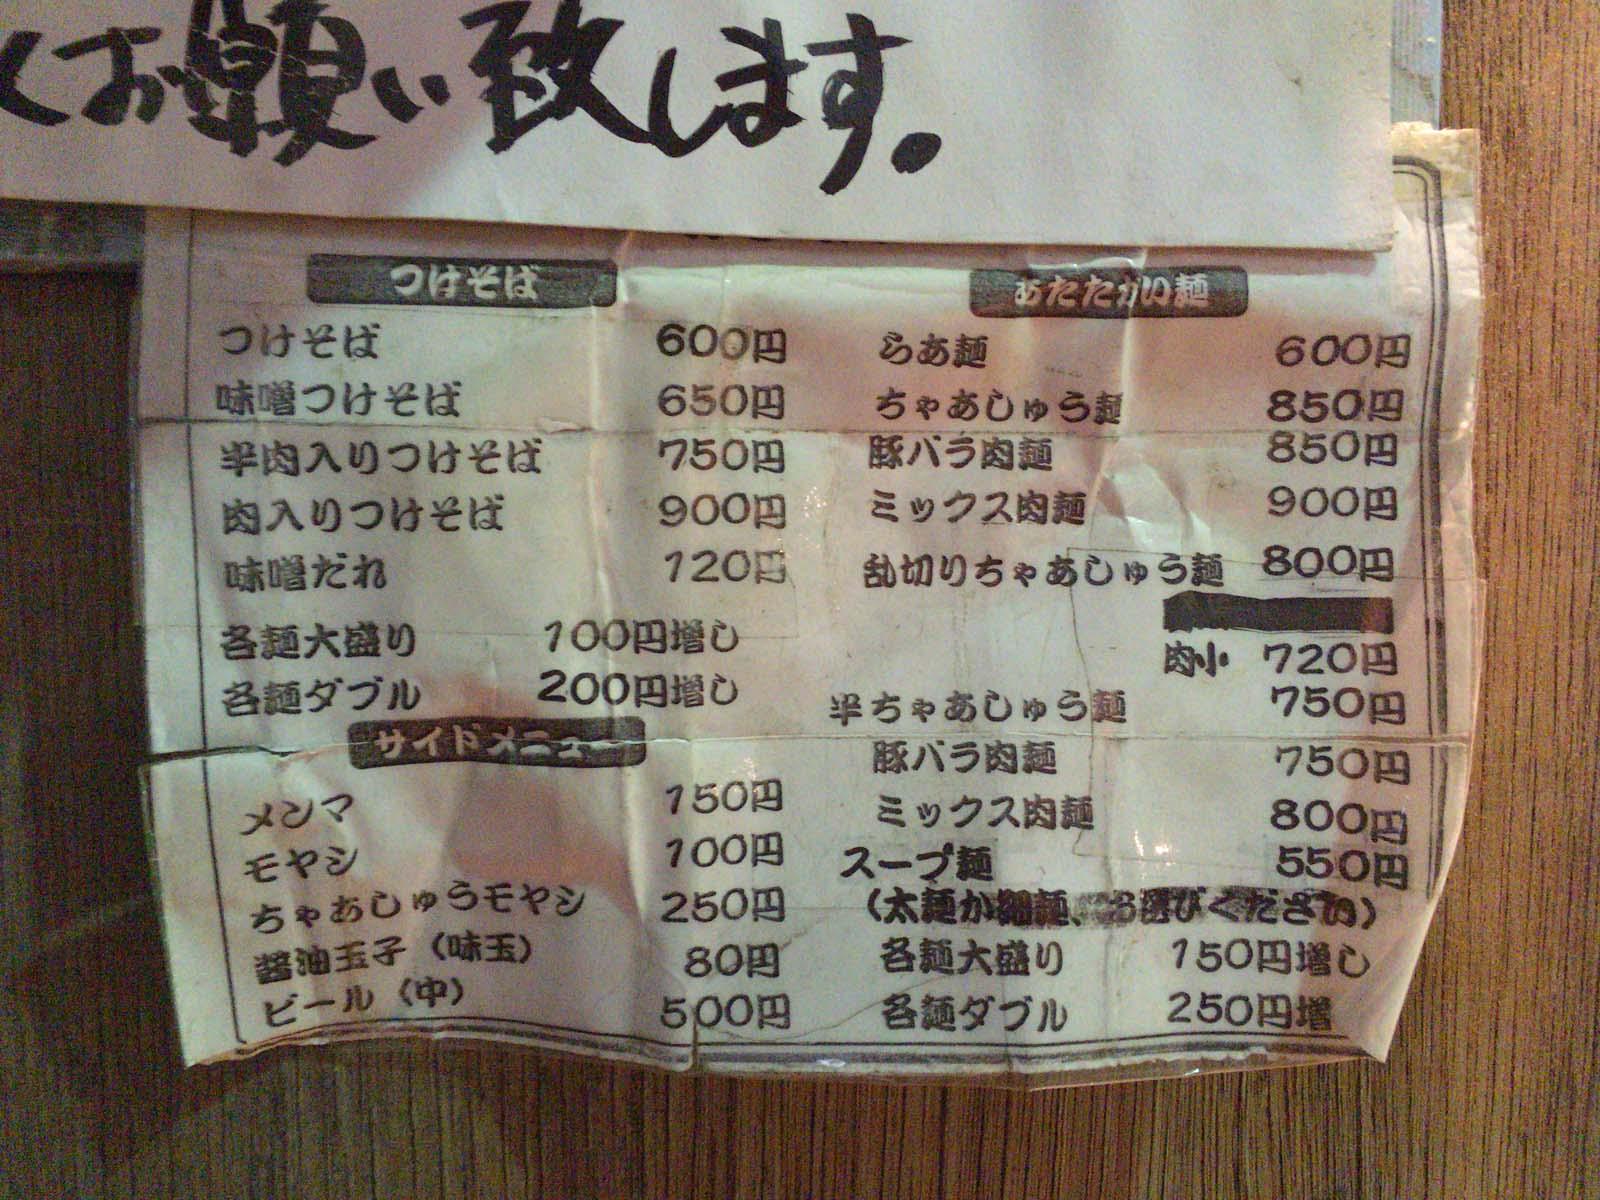 赤羽路地裏の人気ラーメン店「麺 高はし」のメニュー